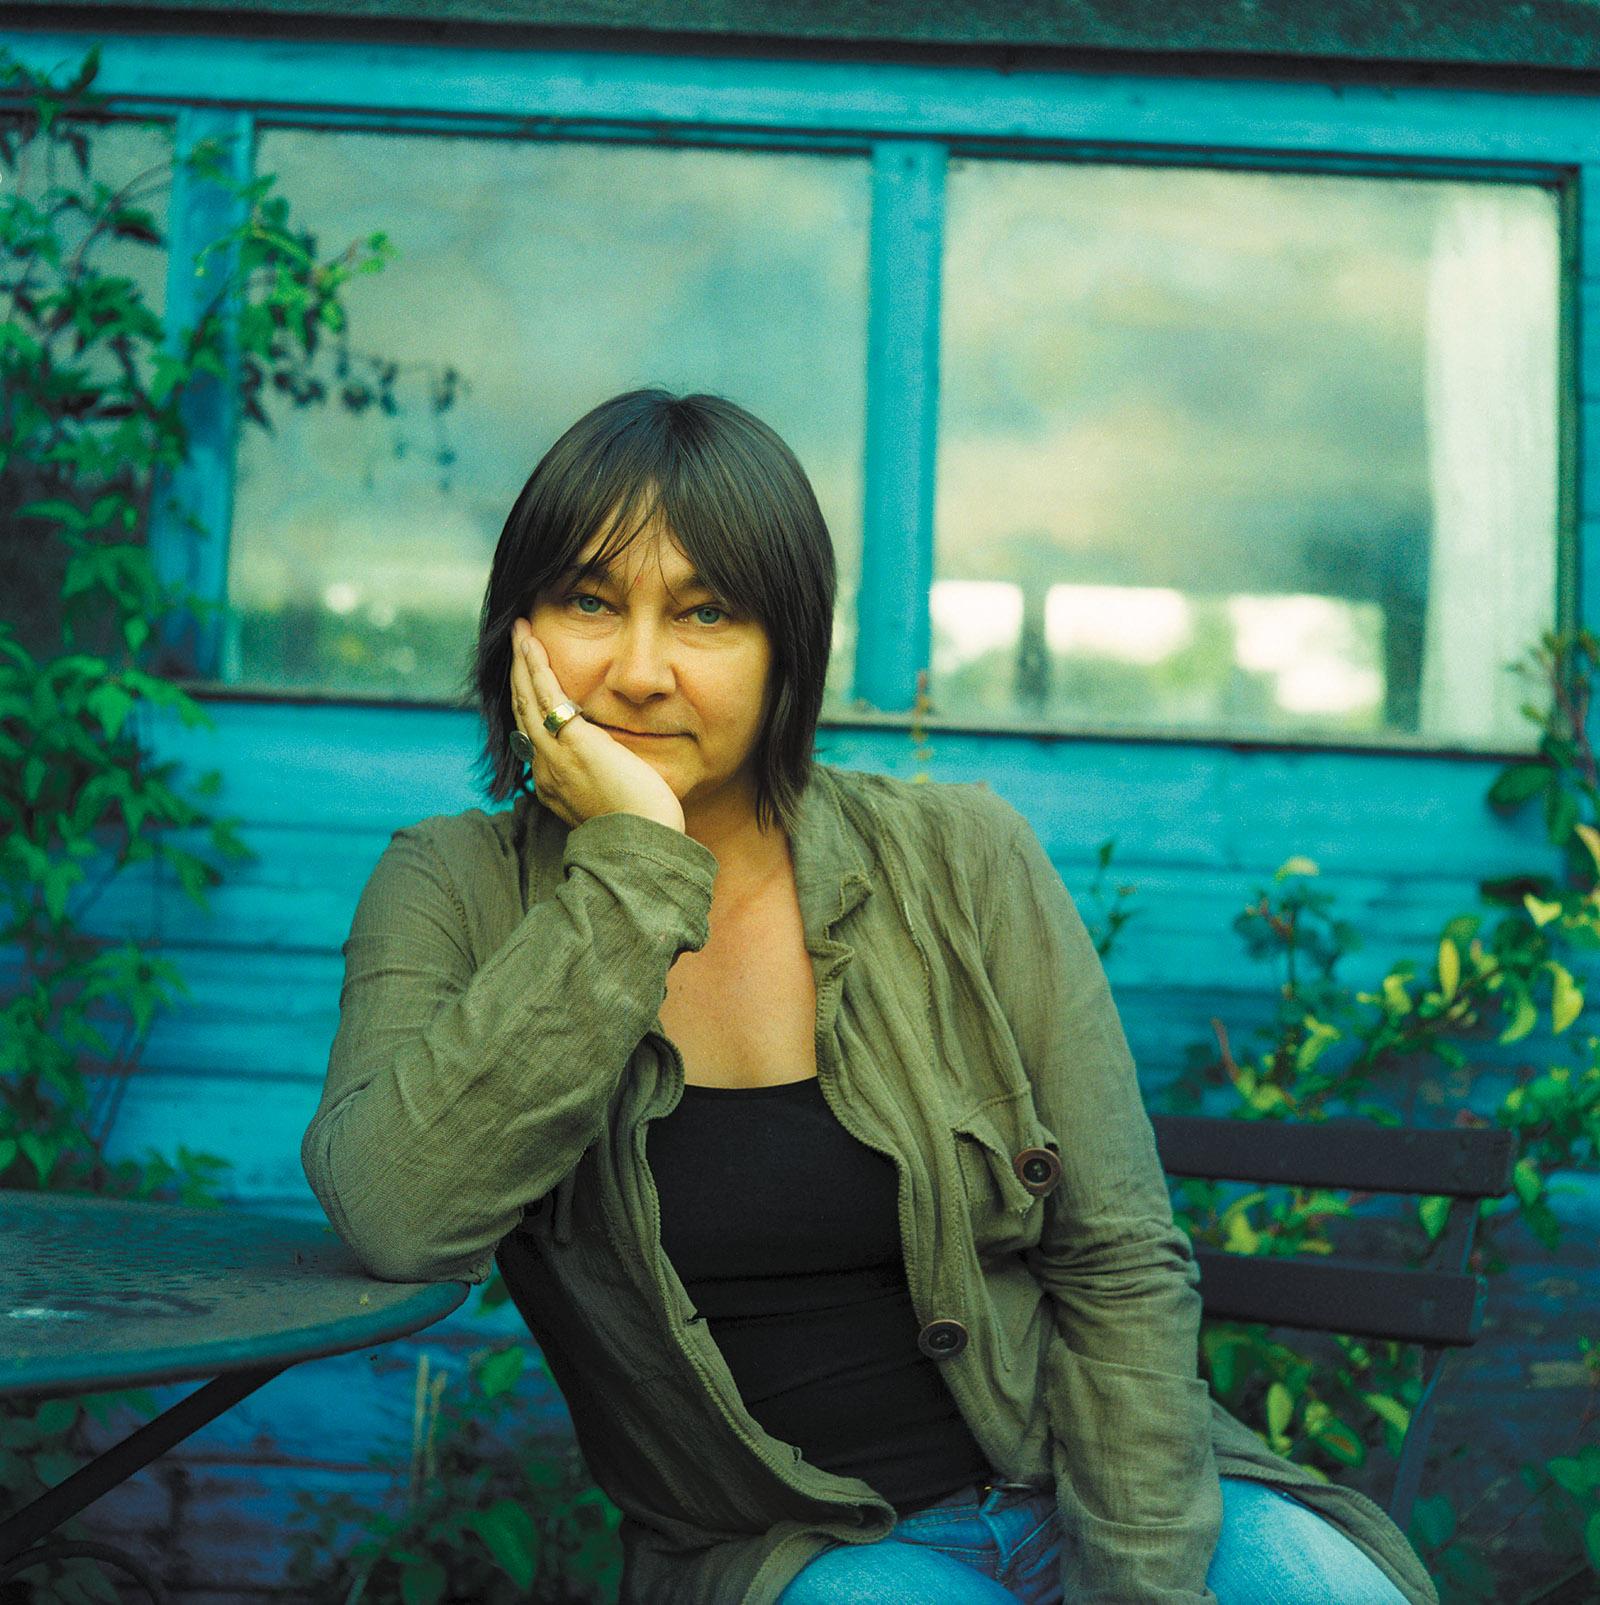 Ali Smith in her garden, Cambridge, England, 2005